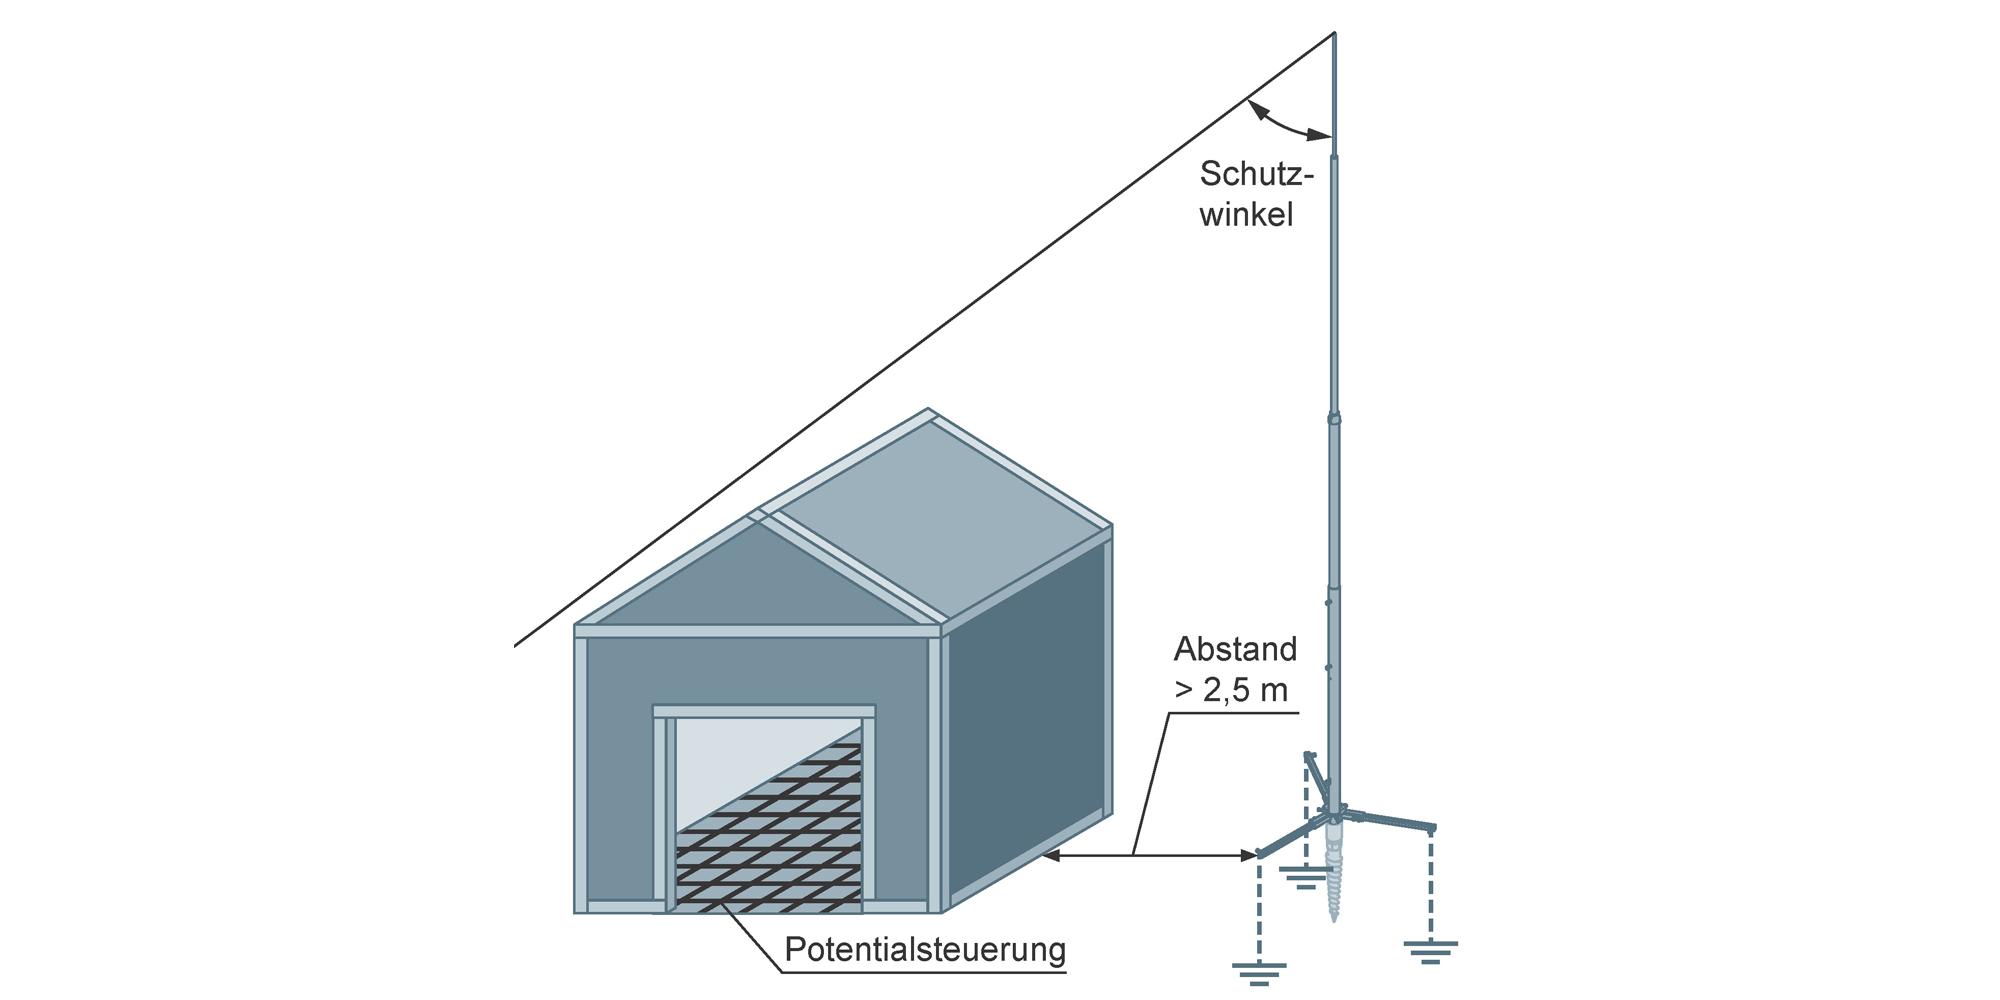 Hervorragend Blitzschutz von Schutzhütten - VDE|ABB GY98